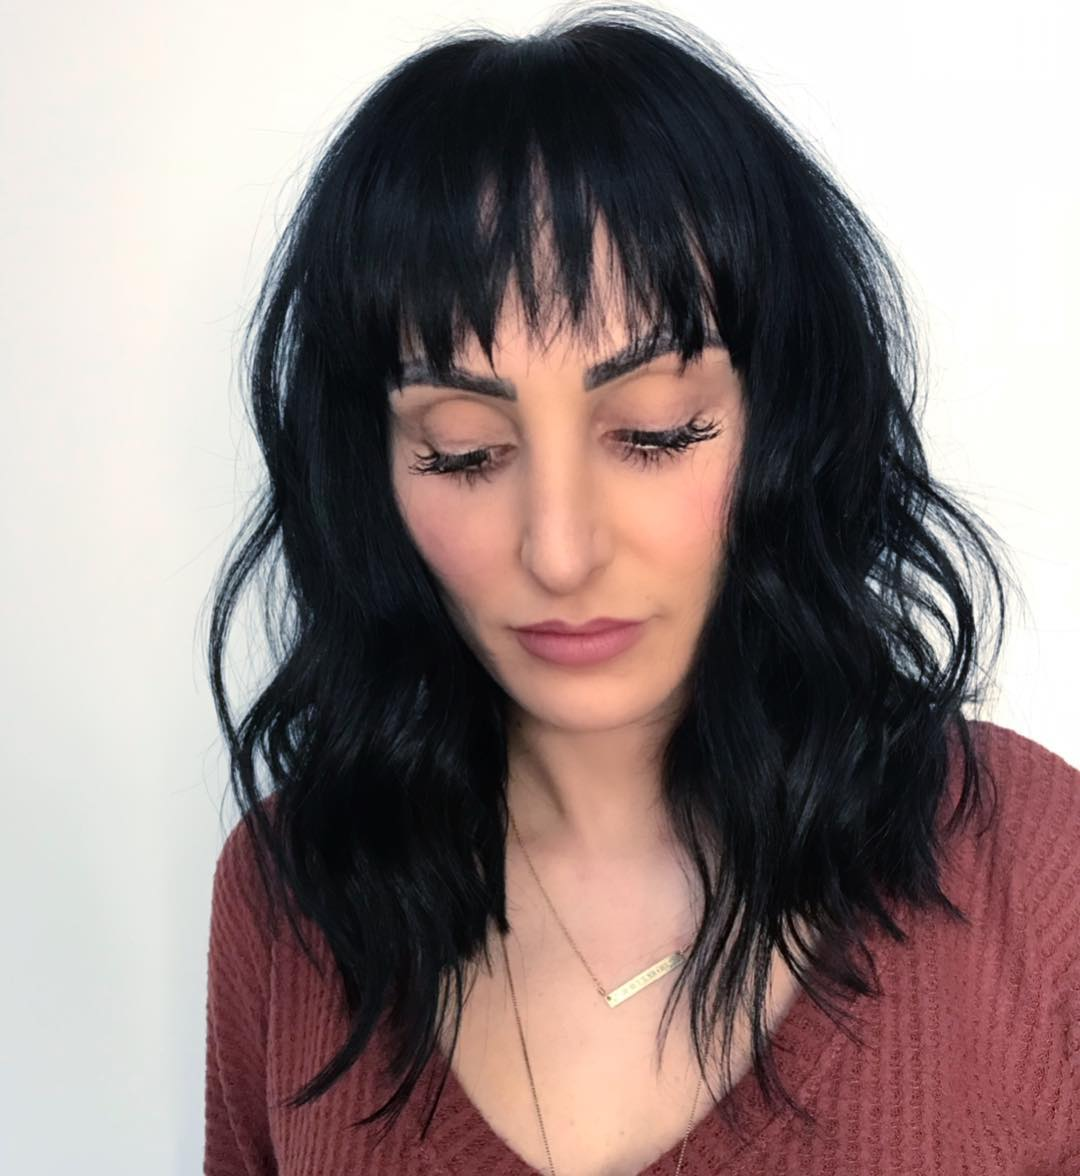 короткие причёски для женщин старше 40 фото 15